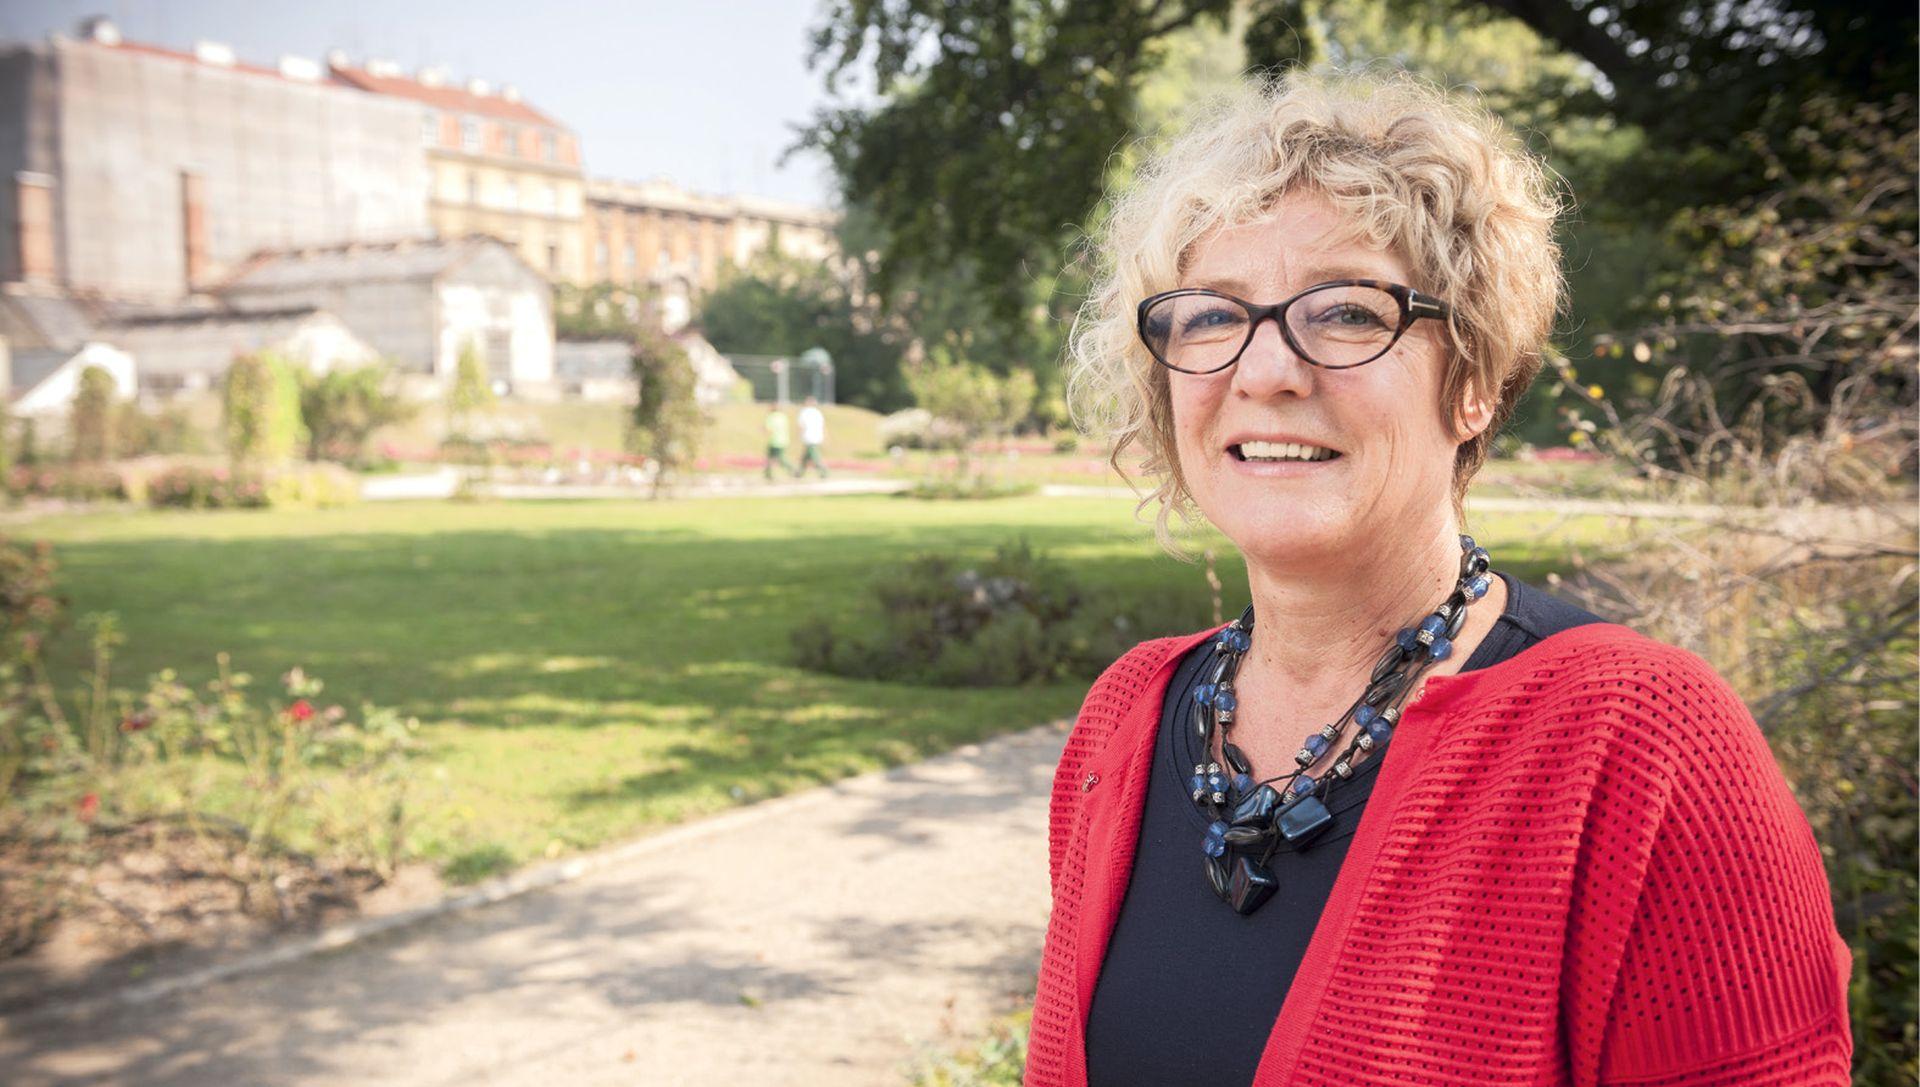 INTERVIEW: GORDANA SOBOL 'Razmišljam o kandidaturi za predsjednicu SDP-a'